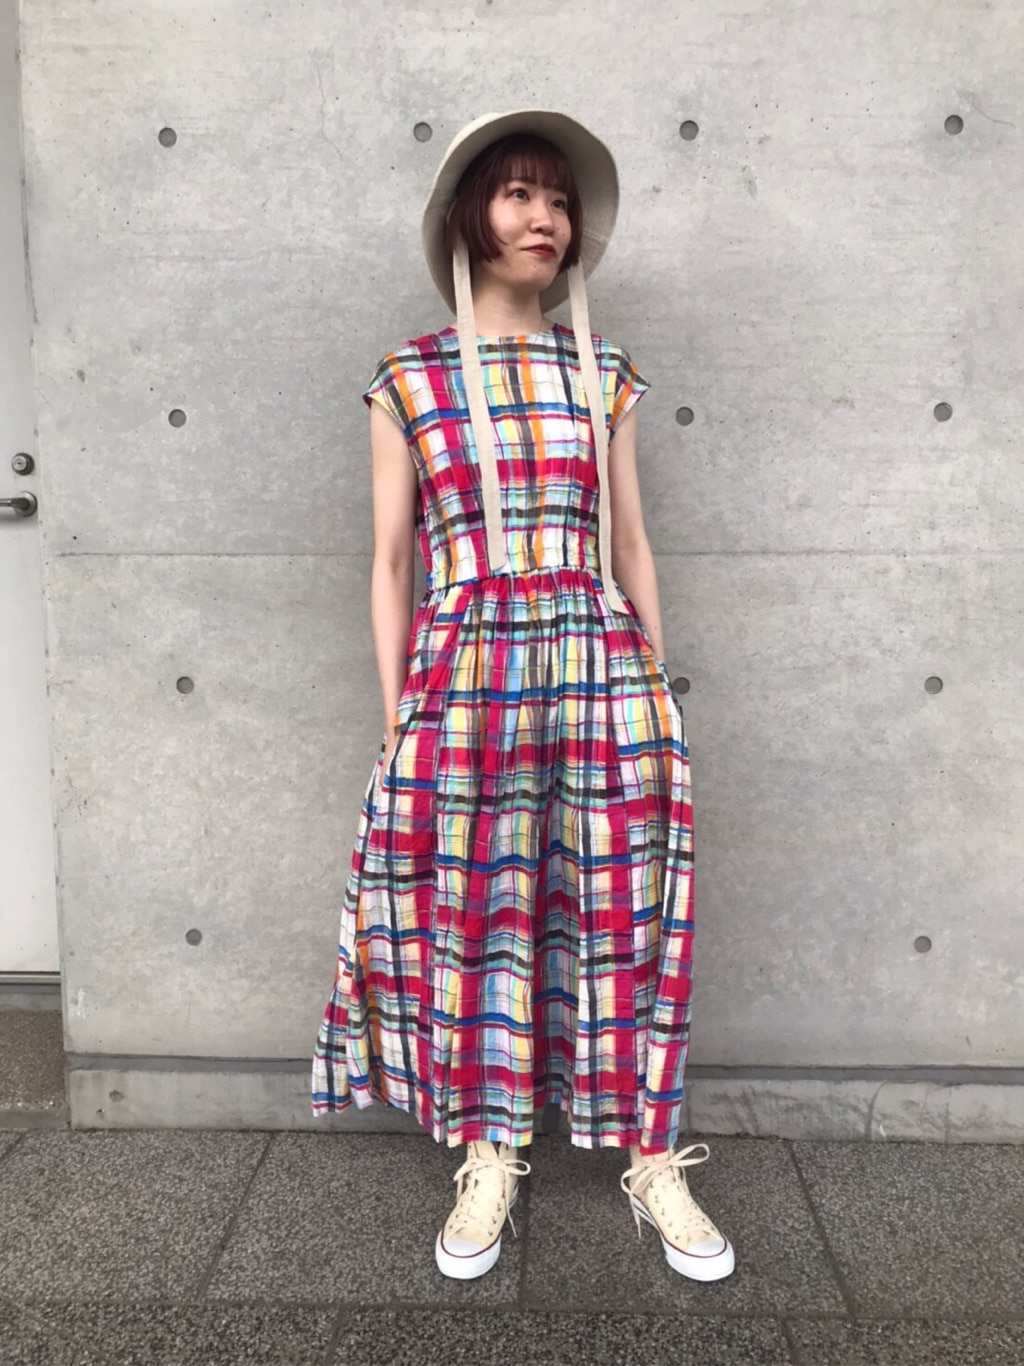 l'atelier du savon 東京スカイツリータウン・ソラマチ 身長:162cm 2020.06.11